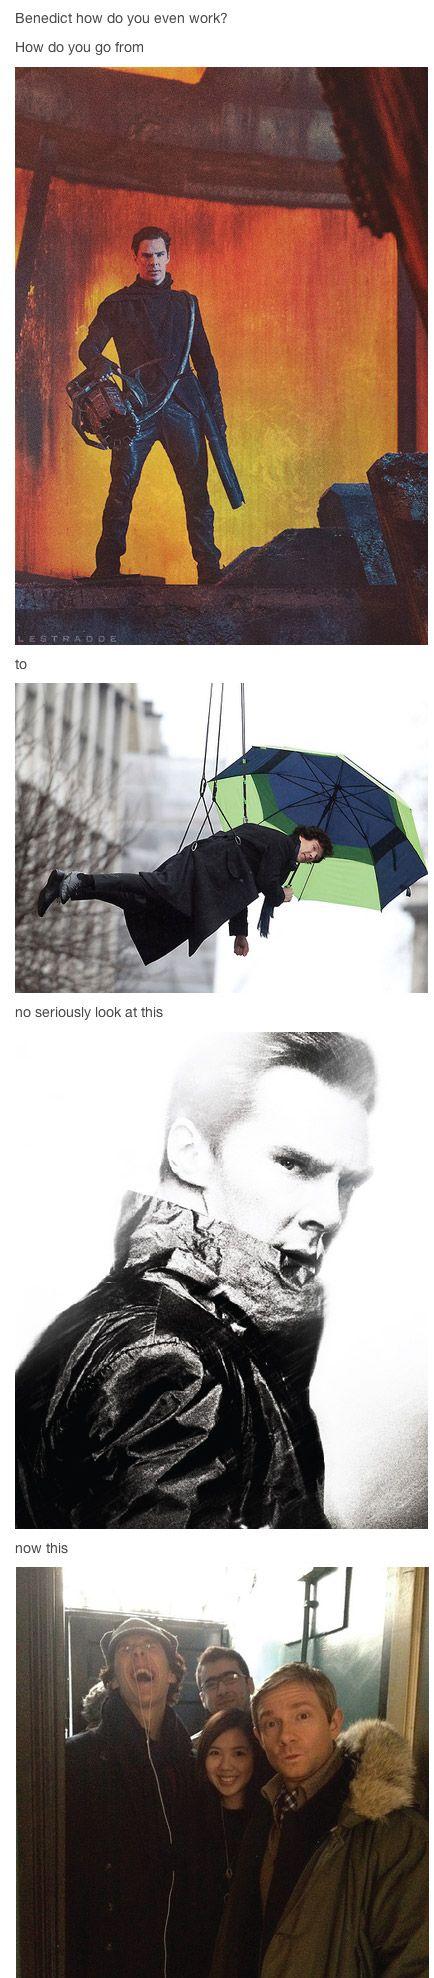 Benedict.